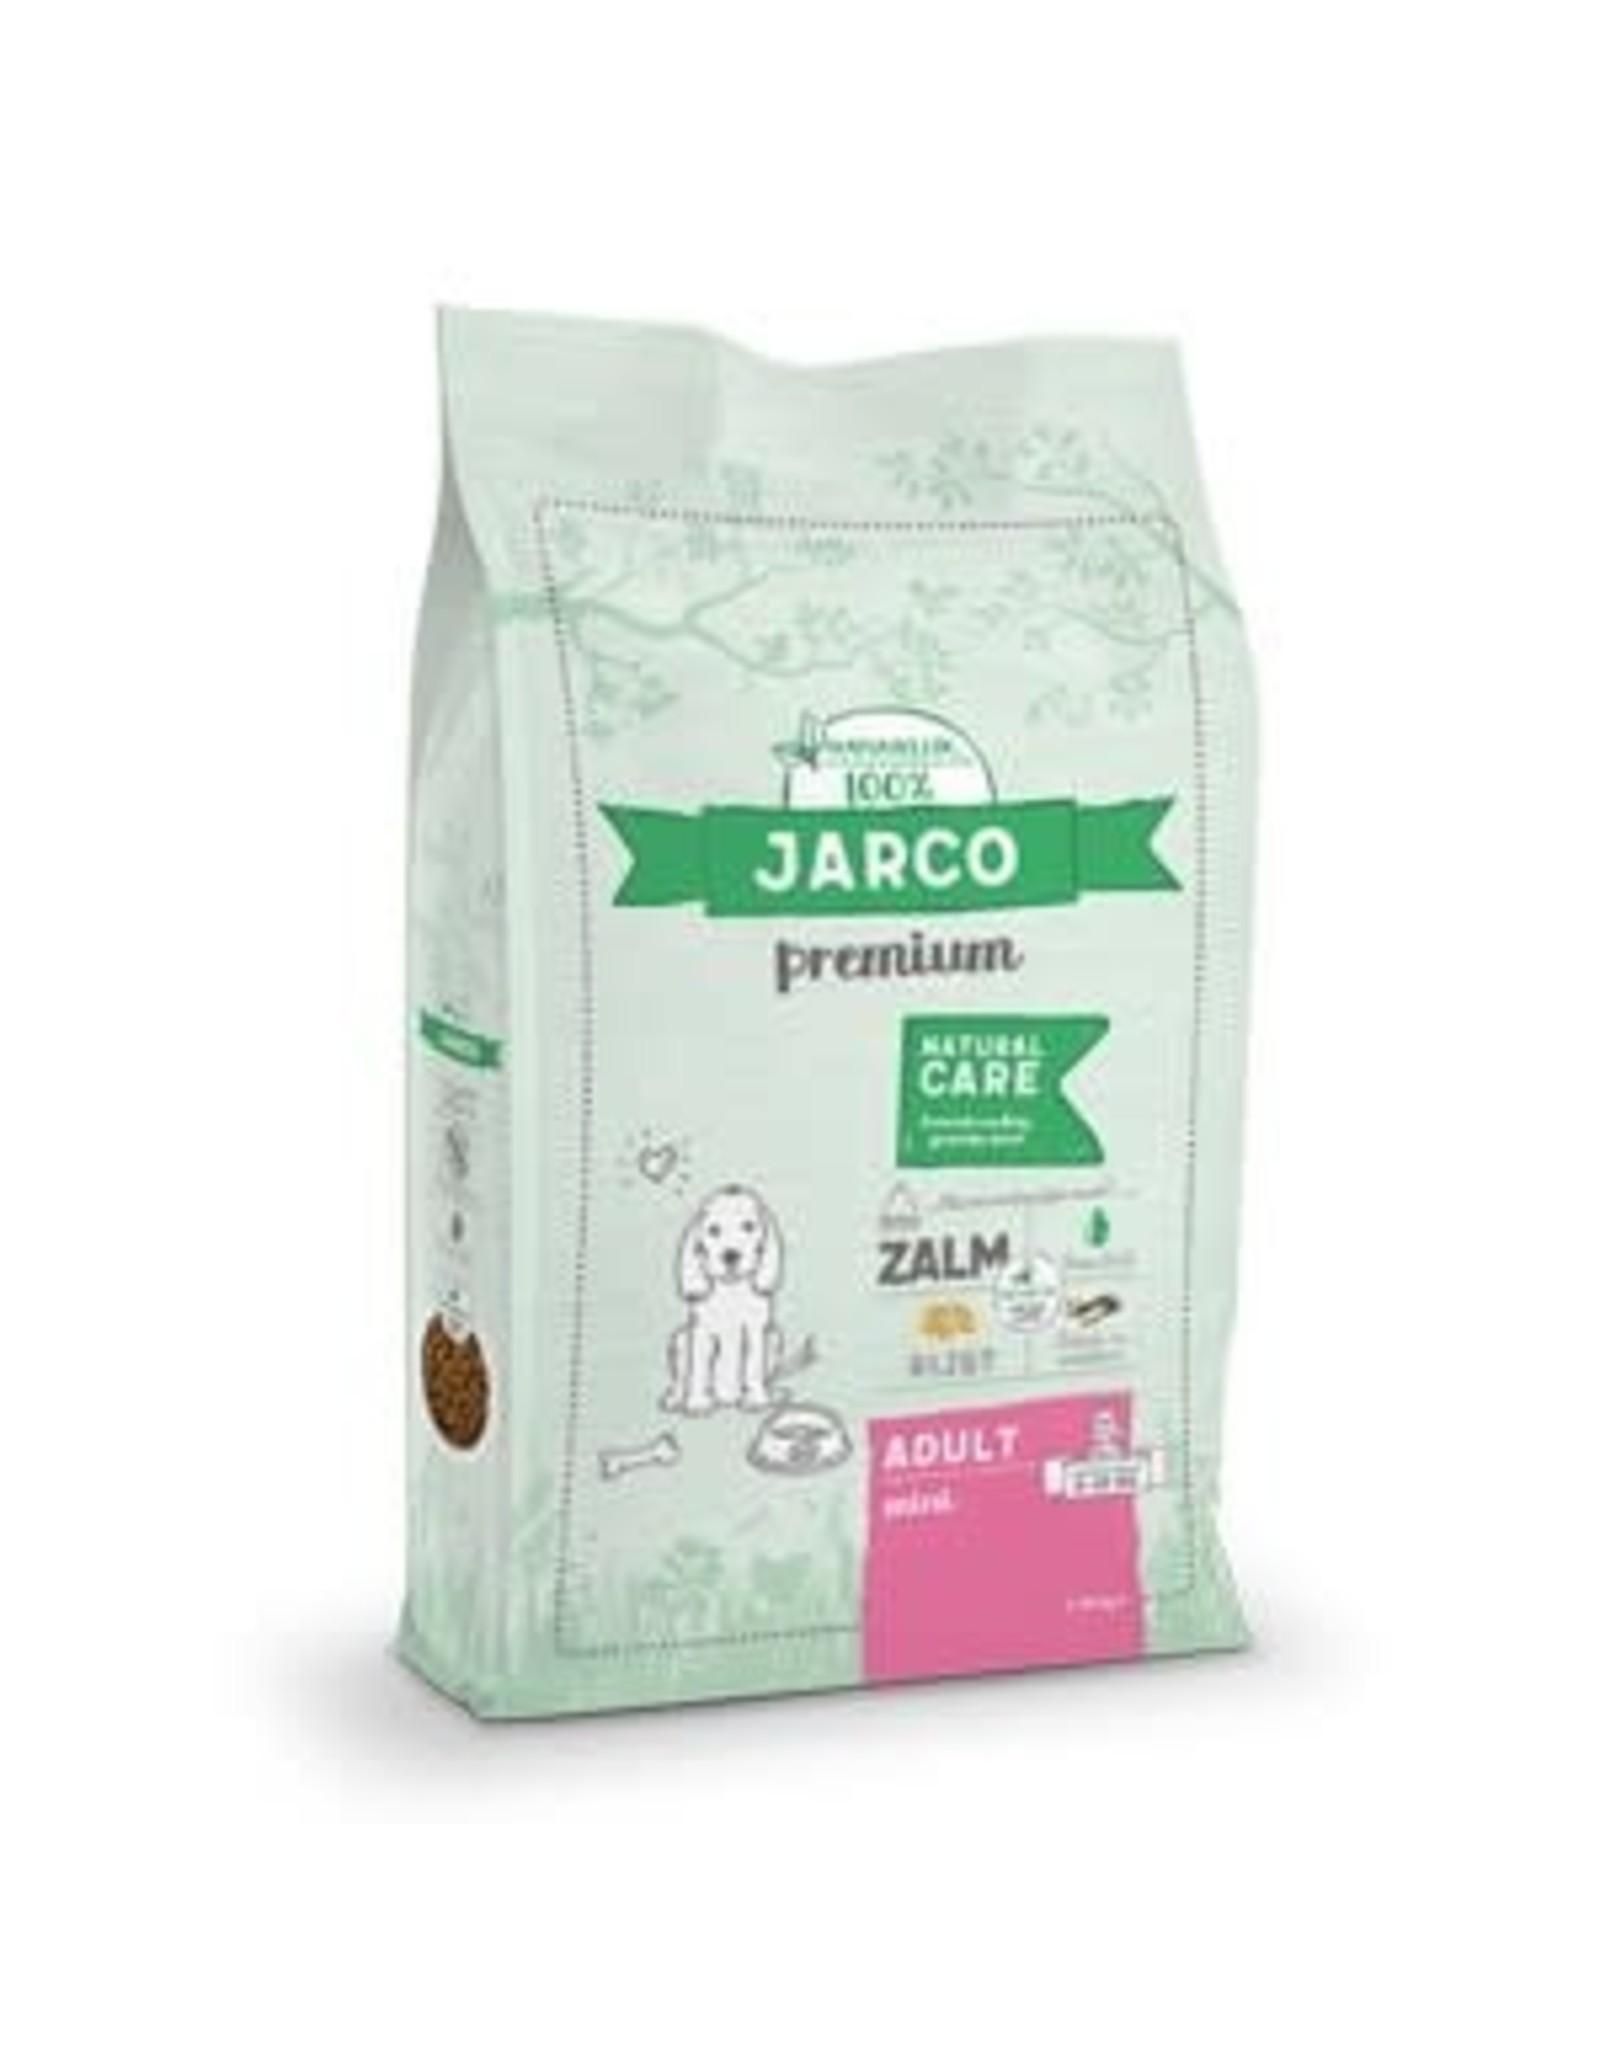 Jarco Mini Adult 2-10 Kg - Zalm - 1,75Kg